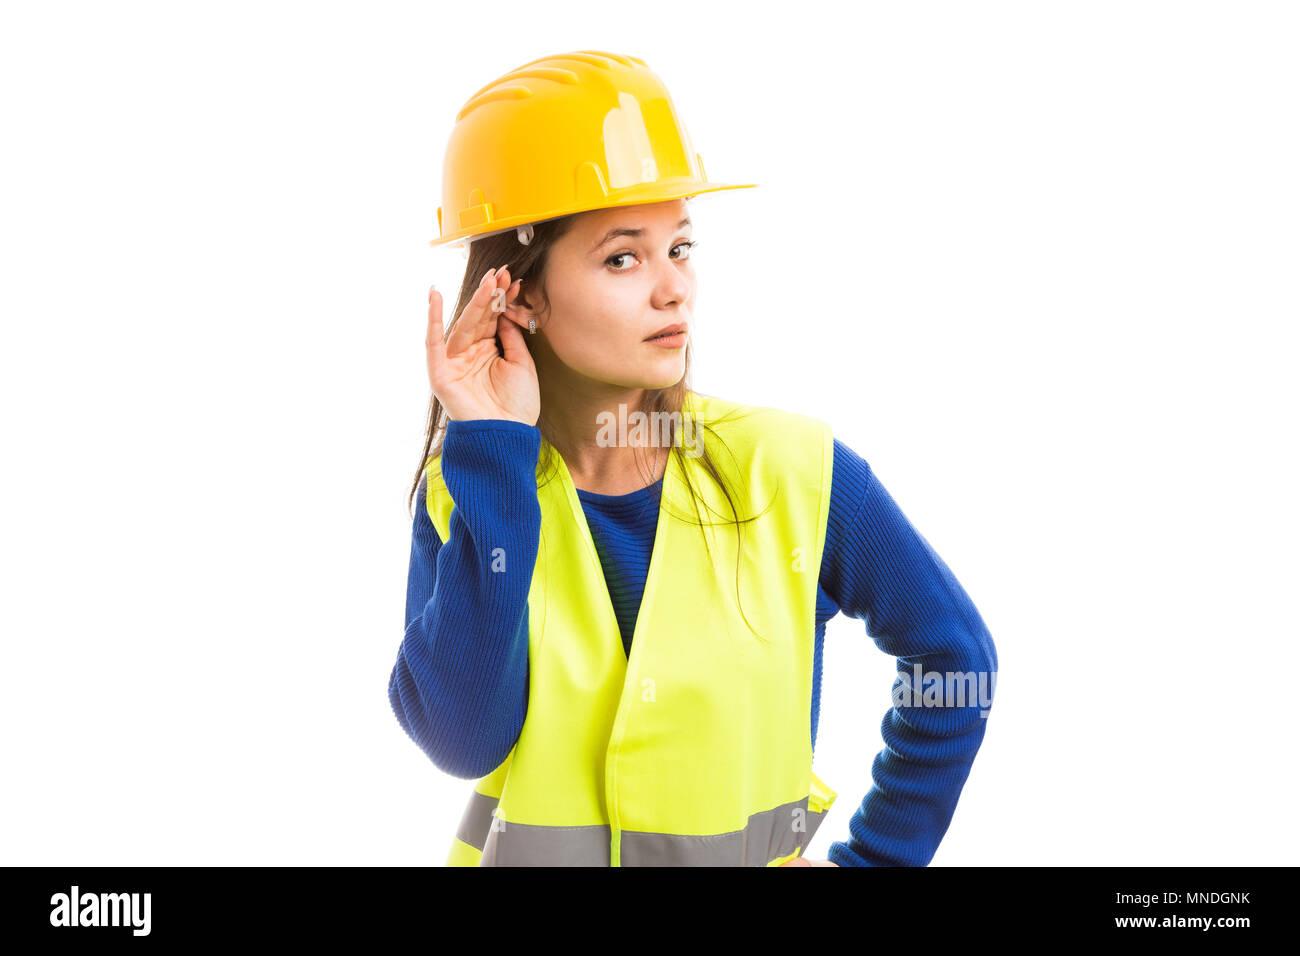 Giovani attraenti ingegnere femmina facendo sentire gesto toccando il suo orecchio come prestando attenzione al concetto di pettegolezzo isolati su sfondo bianco Immagini Stock